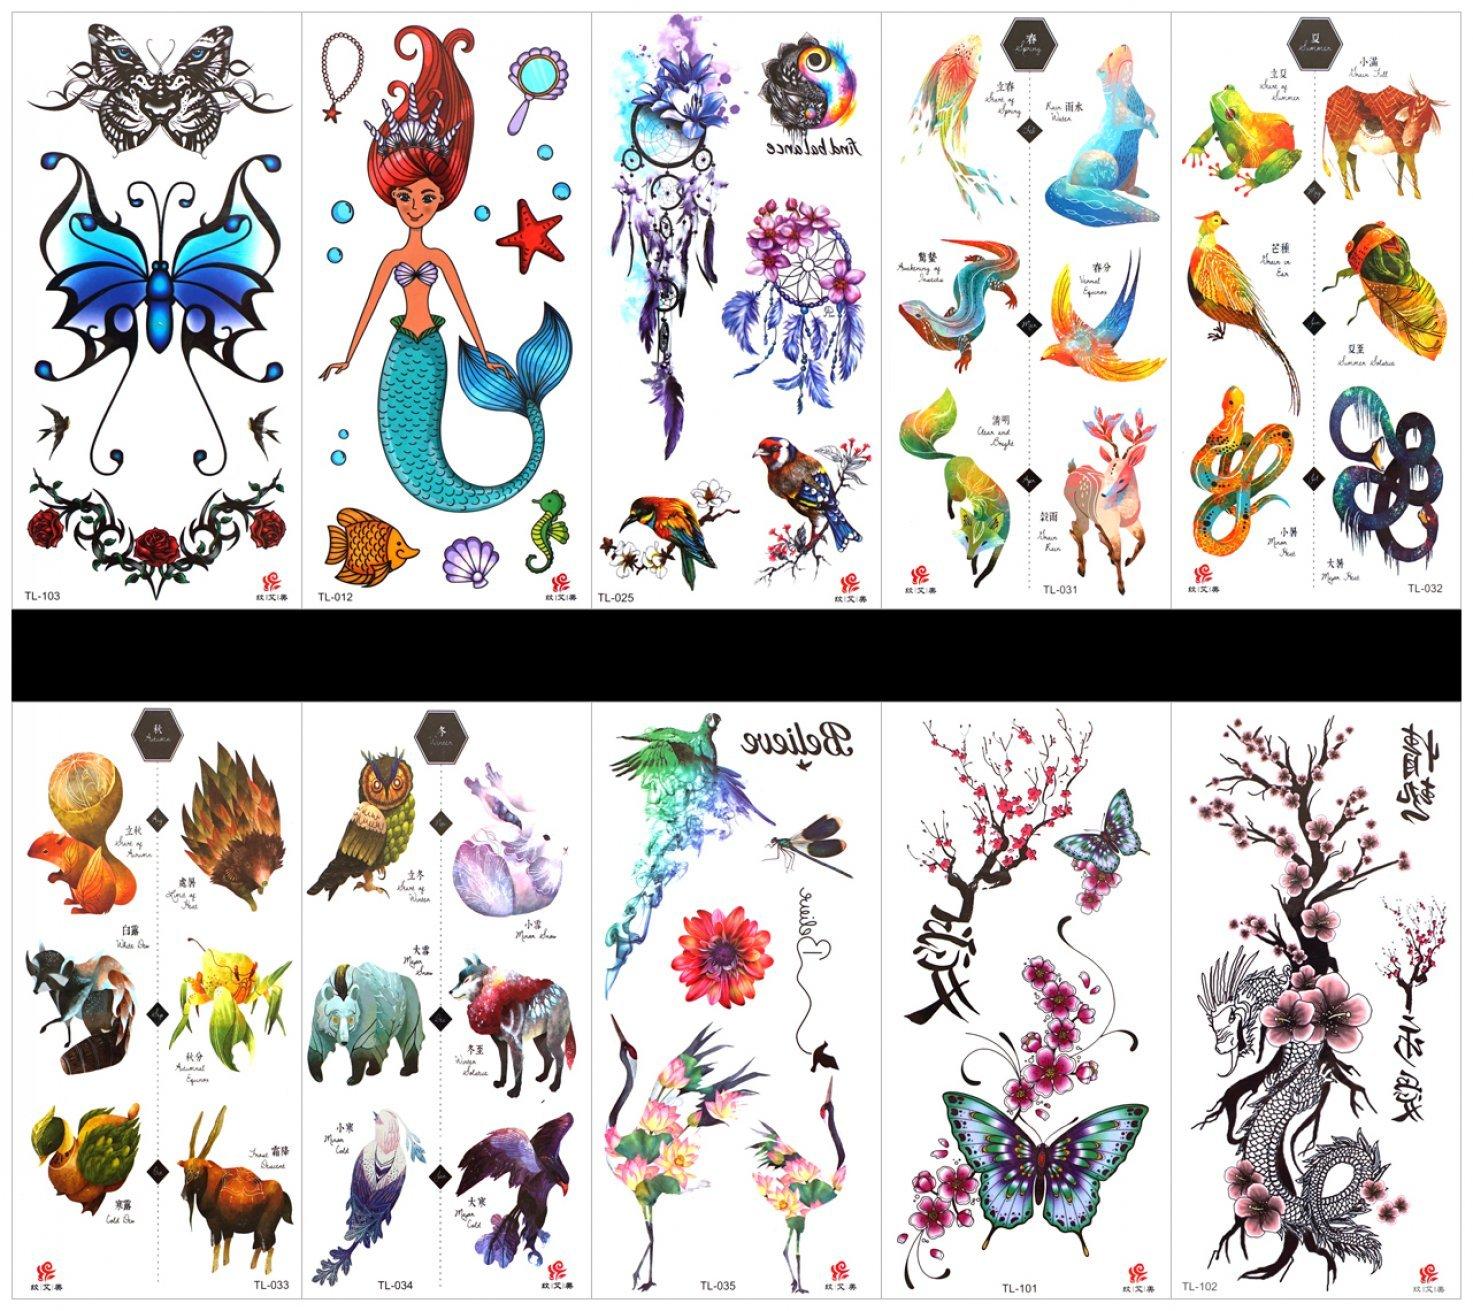 incluyendo peces, concha, estrella de mar, caballo de mar, aves ...